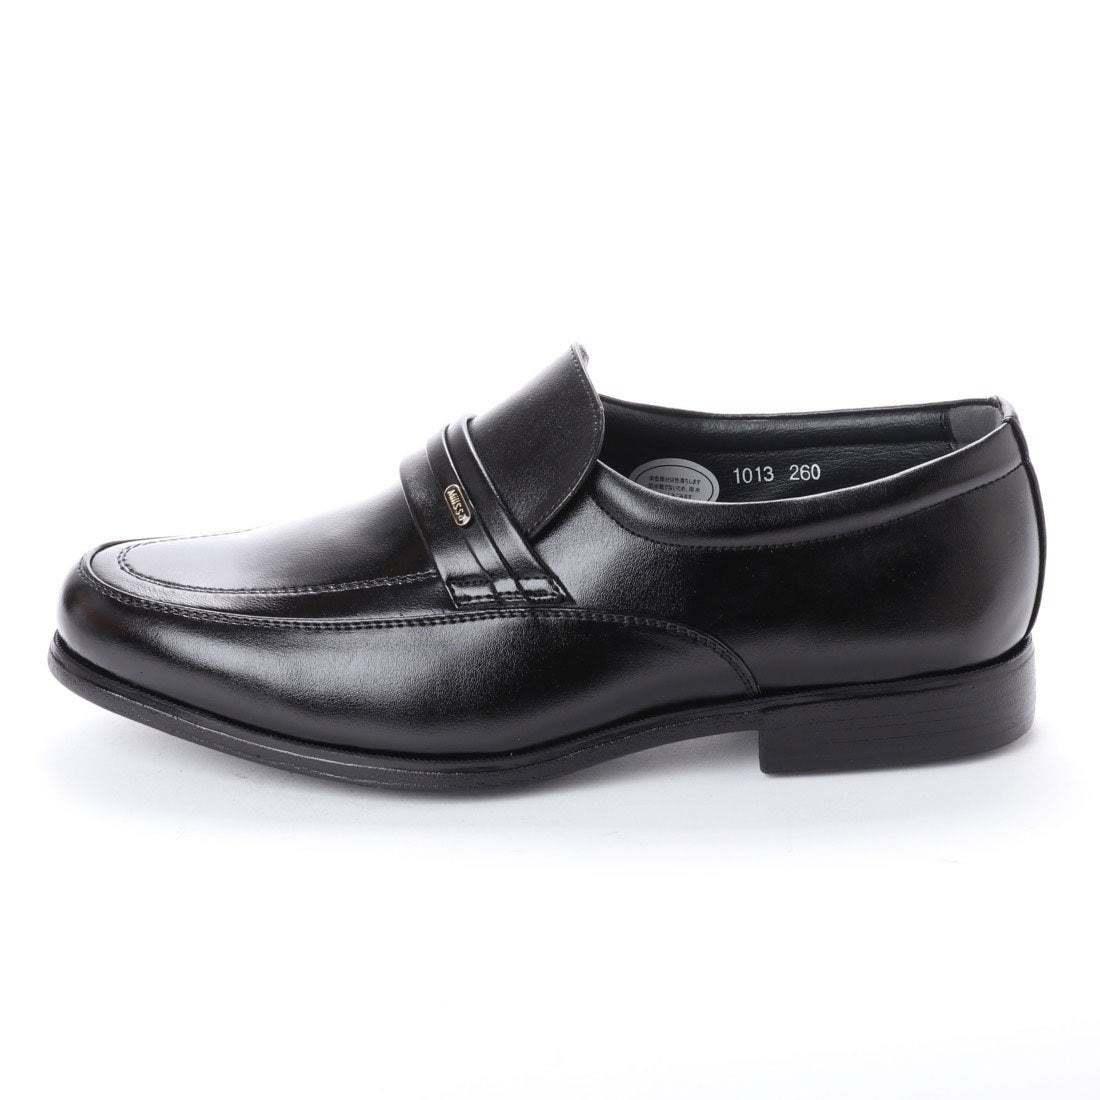 【安い】 超軽量 紳士靴 メンズ ビジネスシューズ スリッポン ウォーキングシューズ 幅広 4E 抗菌 防臭 1013 ブラック 黒 24.5cm